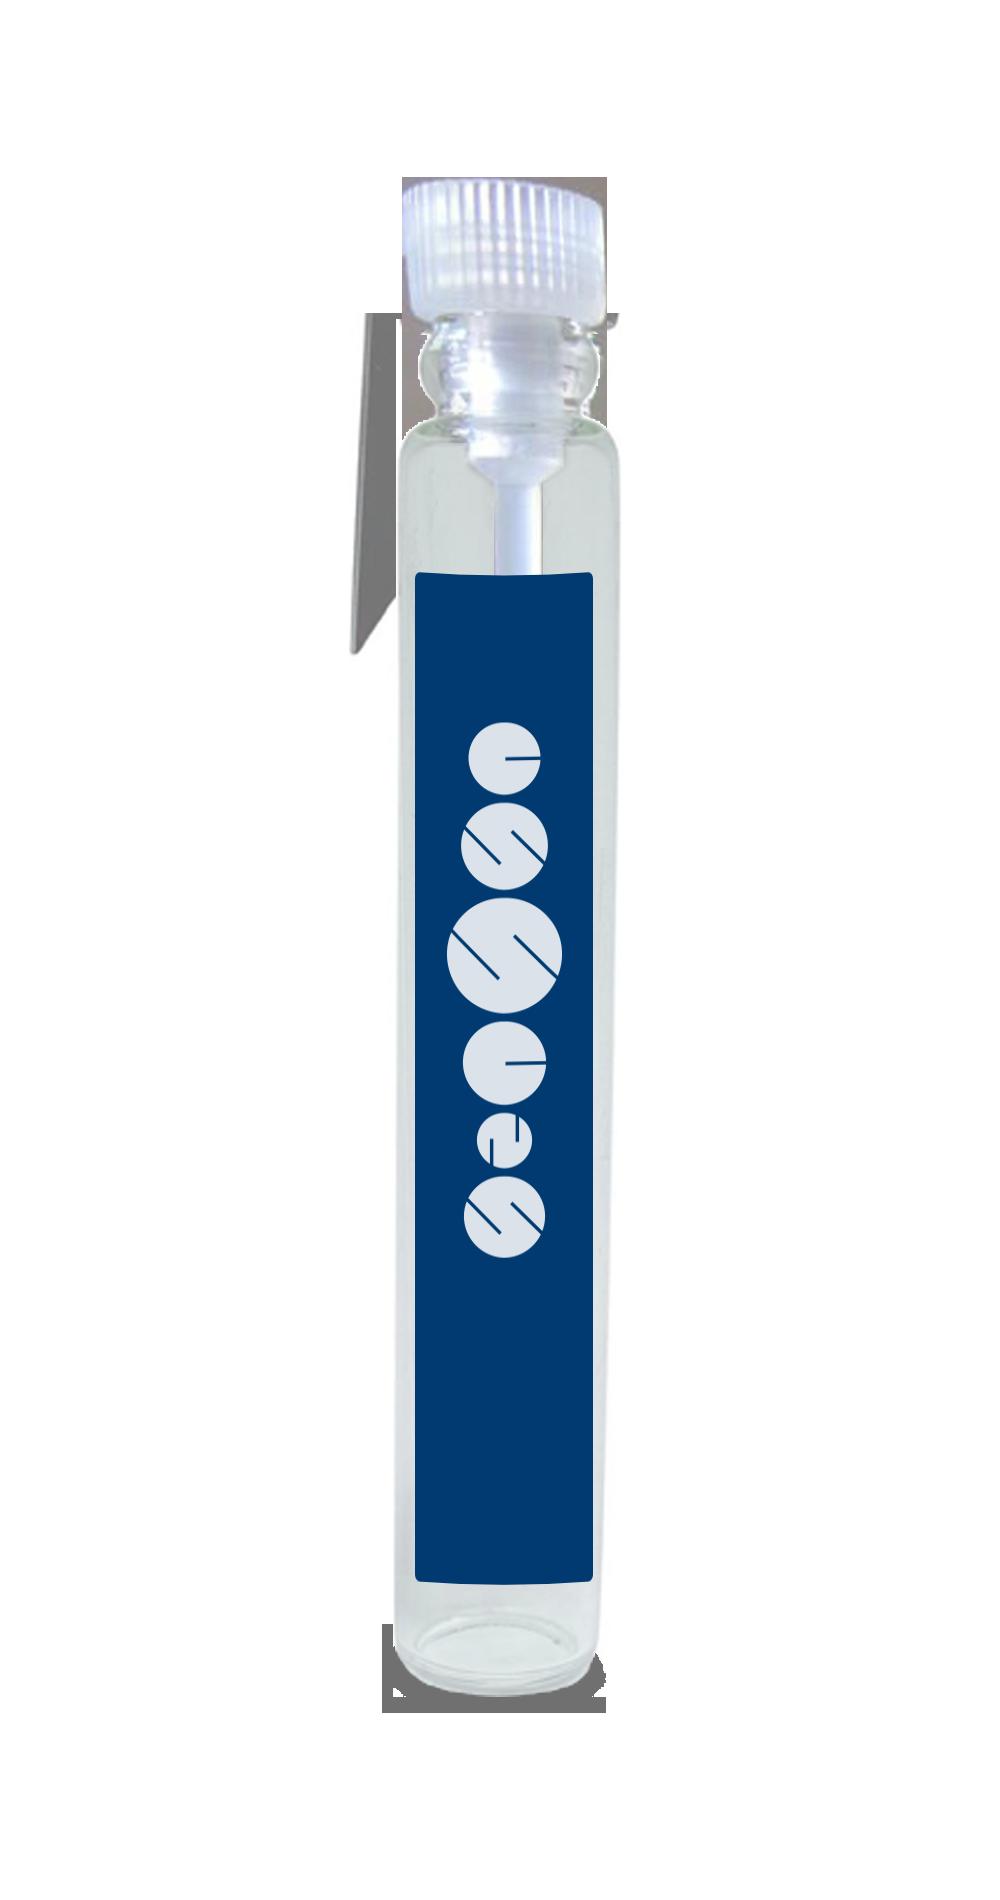 ESSENS m024 Objem: Vzorek 1,5ml